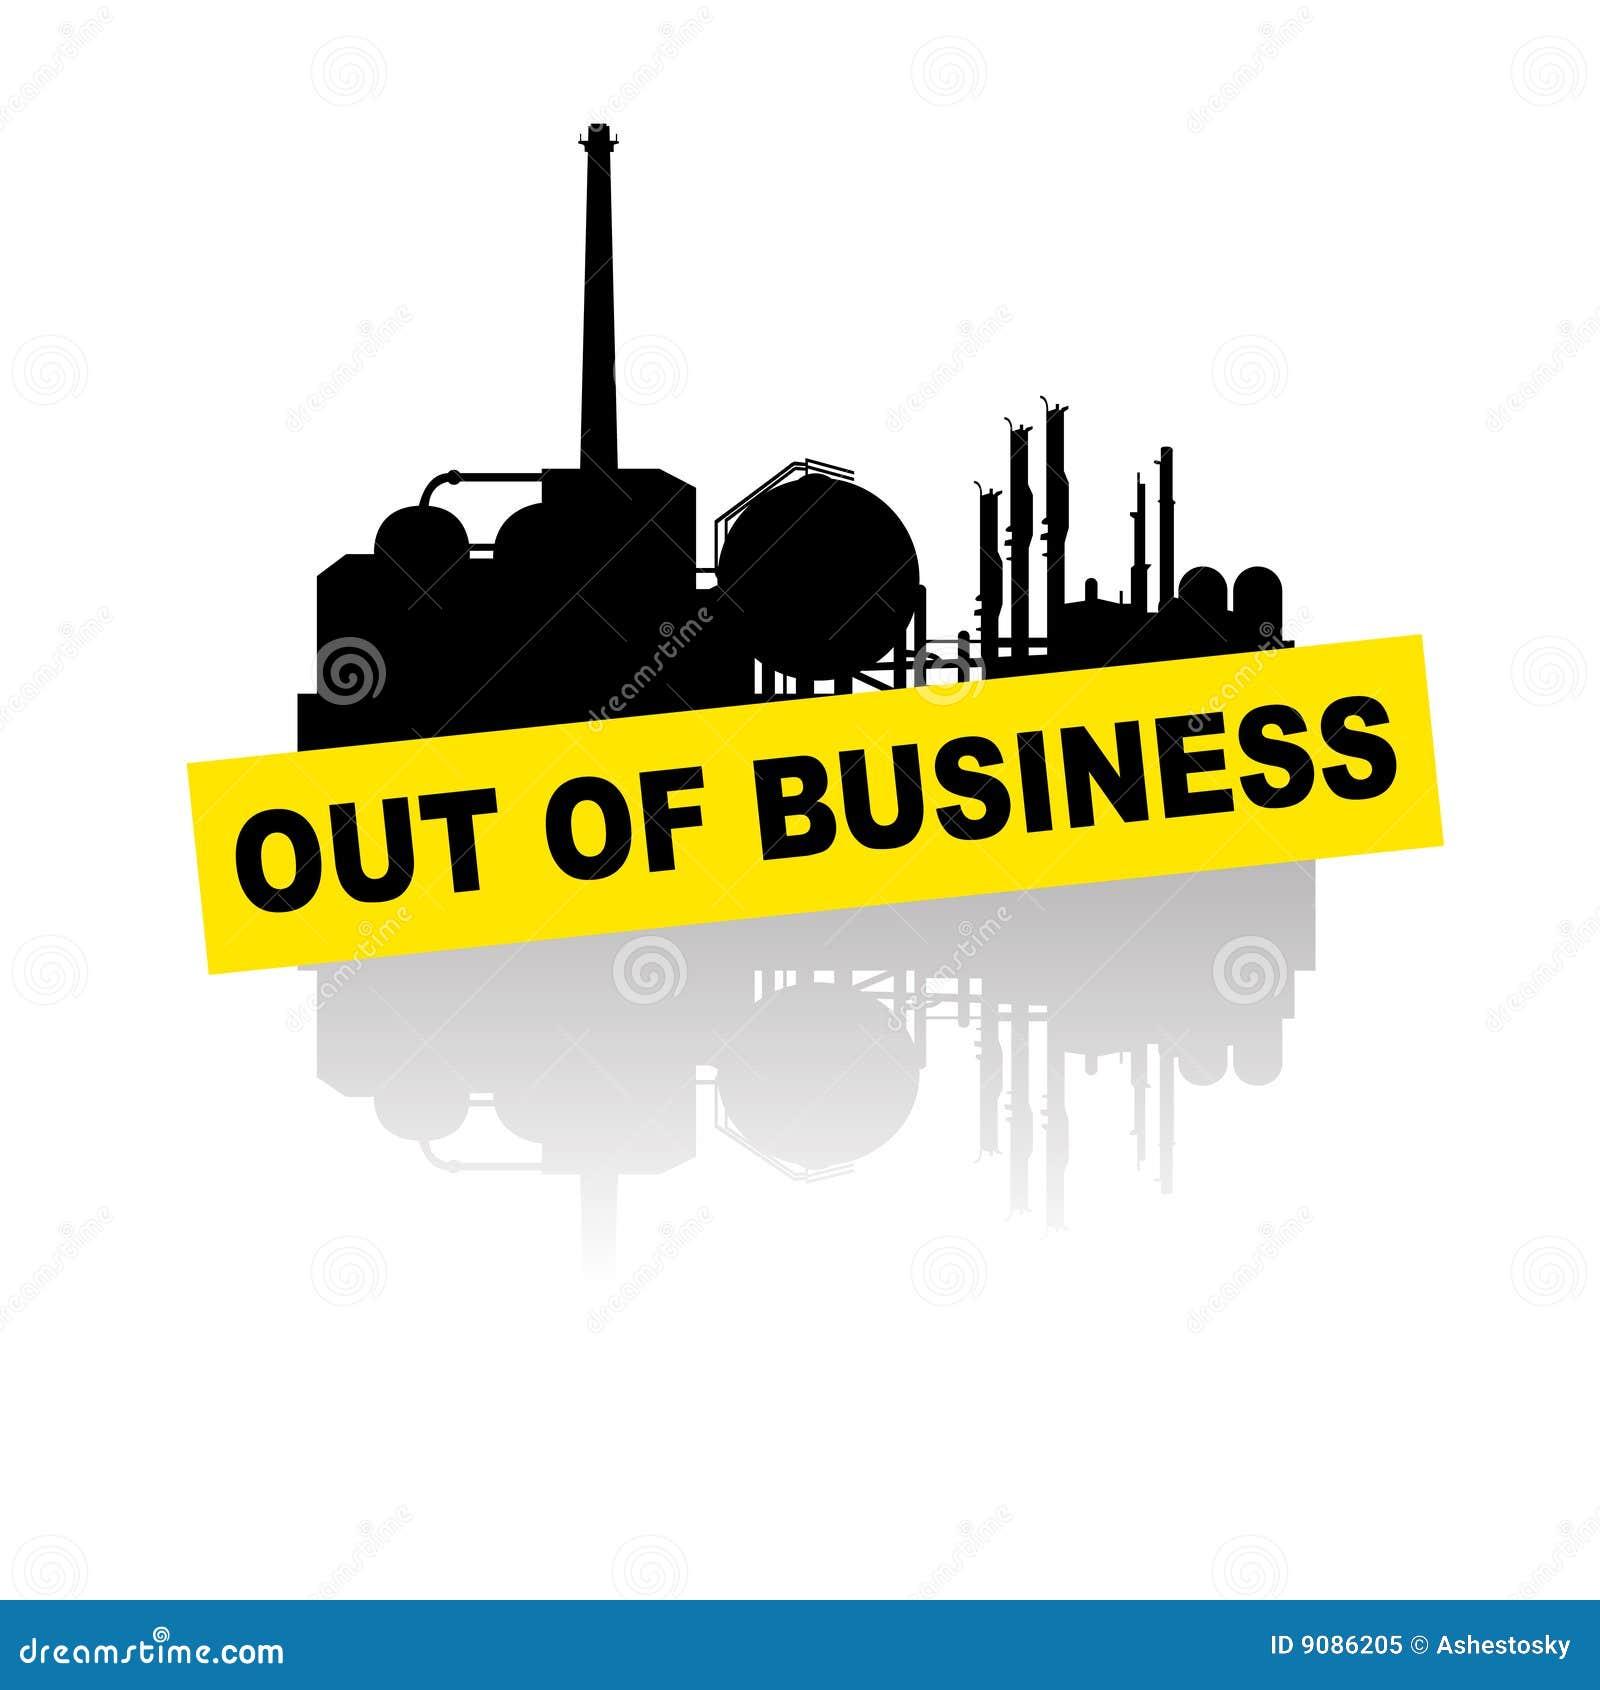 Industrie aus Geschäft durch Krise heraus